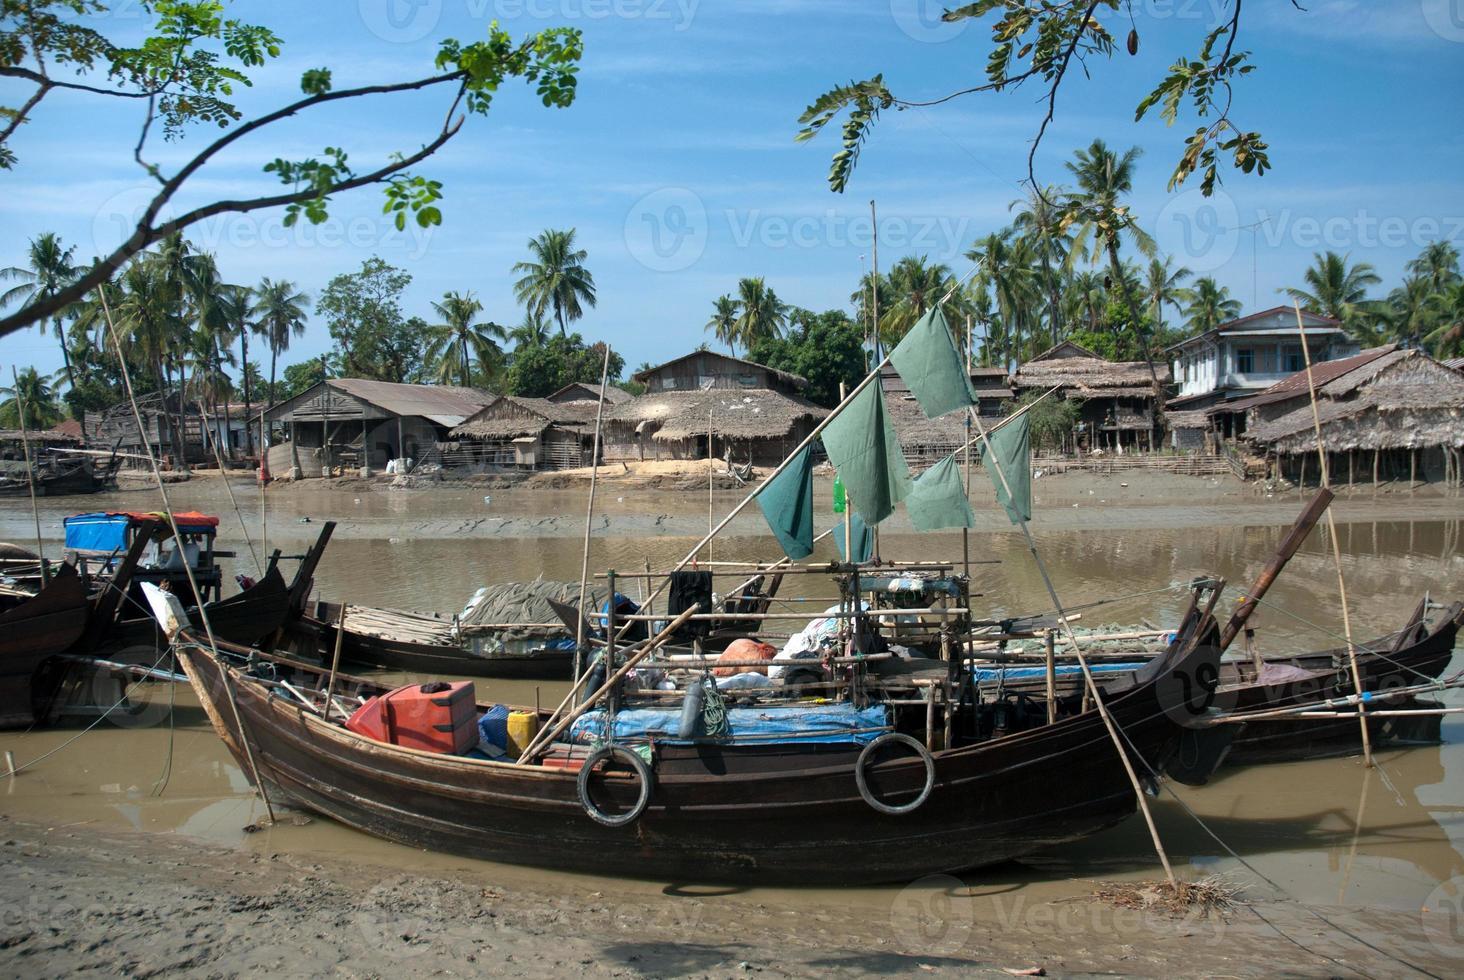 Barco de pesca tradicional de myanmar en la ciudad de kyaikto, foto